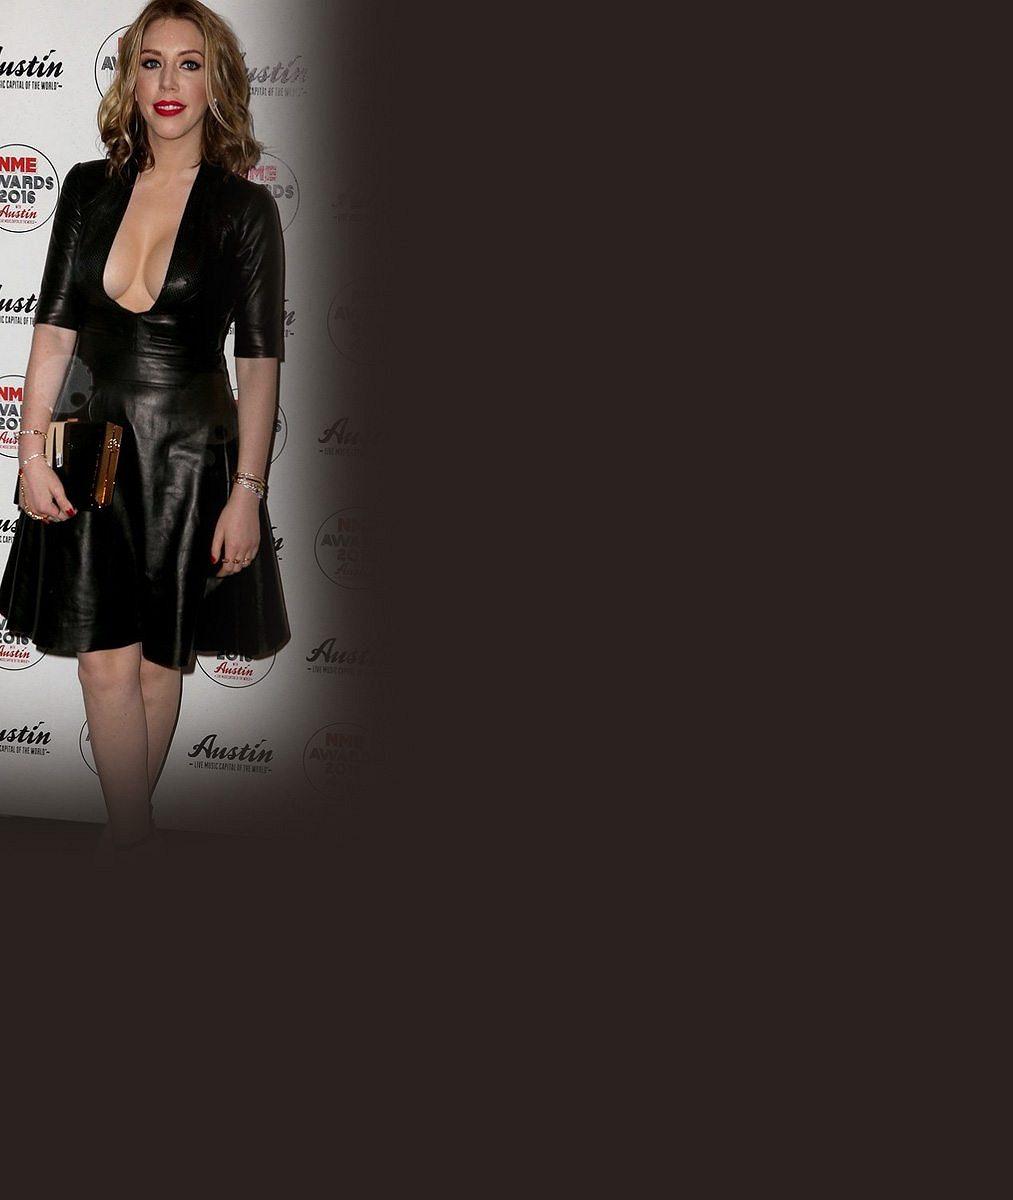 Z bavičky žhavou provokatérkou: Televizní hvězda oblékla kožené šaty s obřím výstřihem